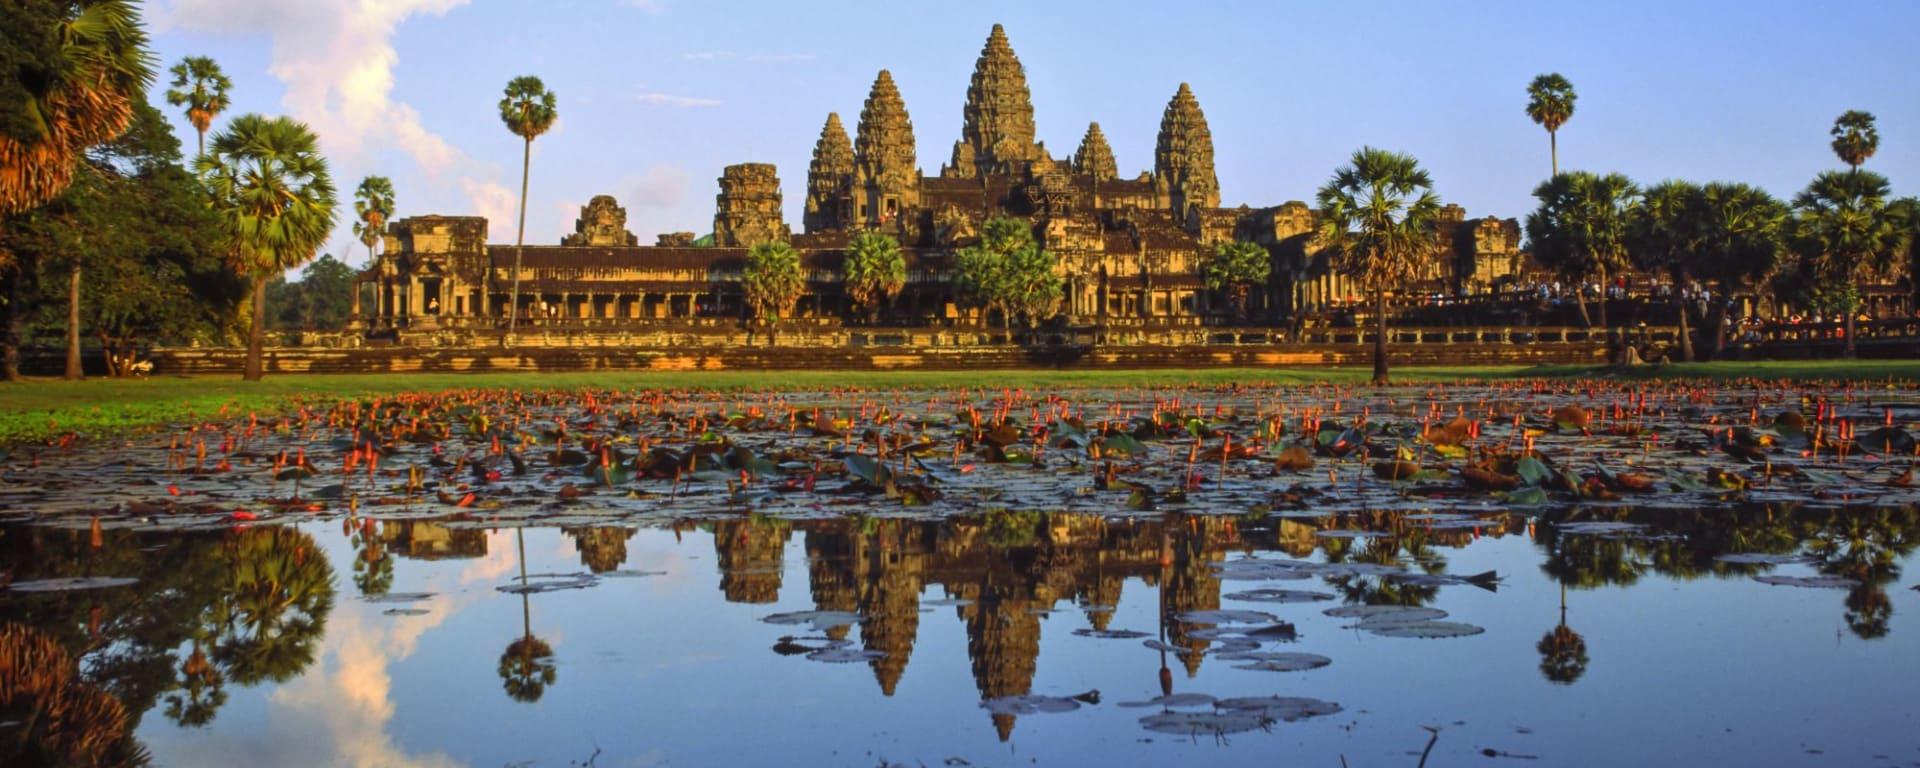 Voyage d'Angkor à Phu Quoc de Siem Reap: Siem Reap Angkor Wat